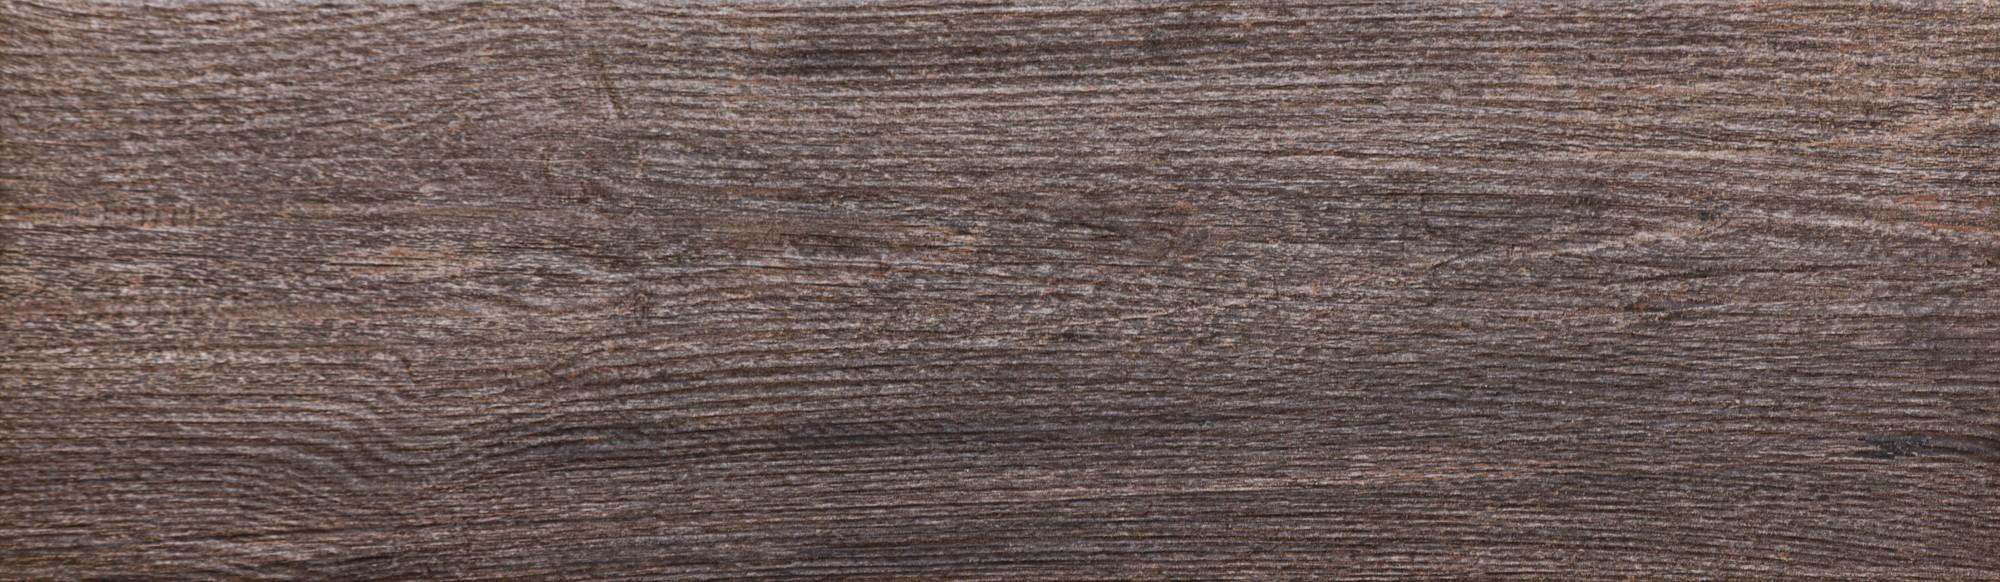 Tilia magma 5656 17,5x60 - Hansas Plaadimaailm